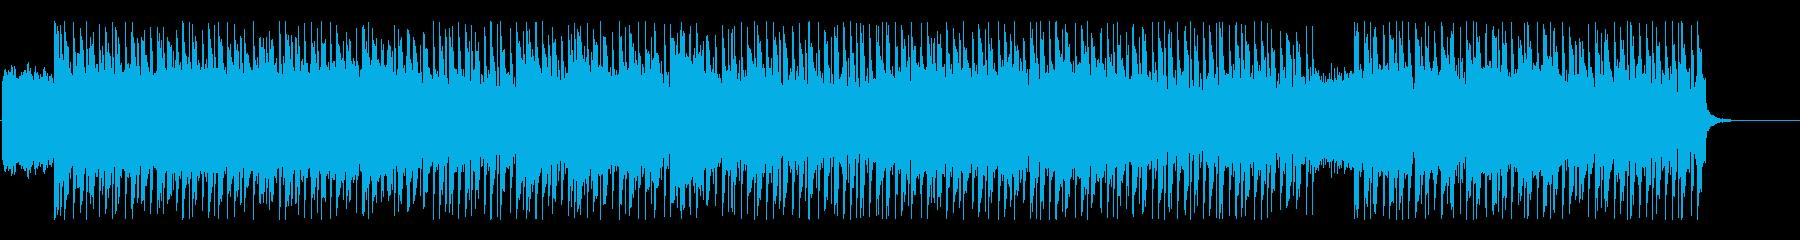 スパイ映画の劇中に流れるBGMの再生済みの波形